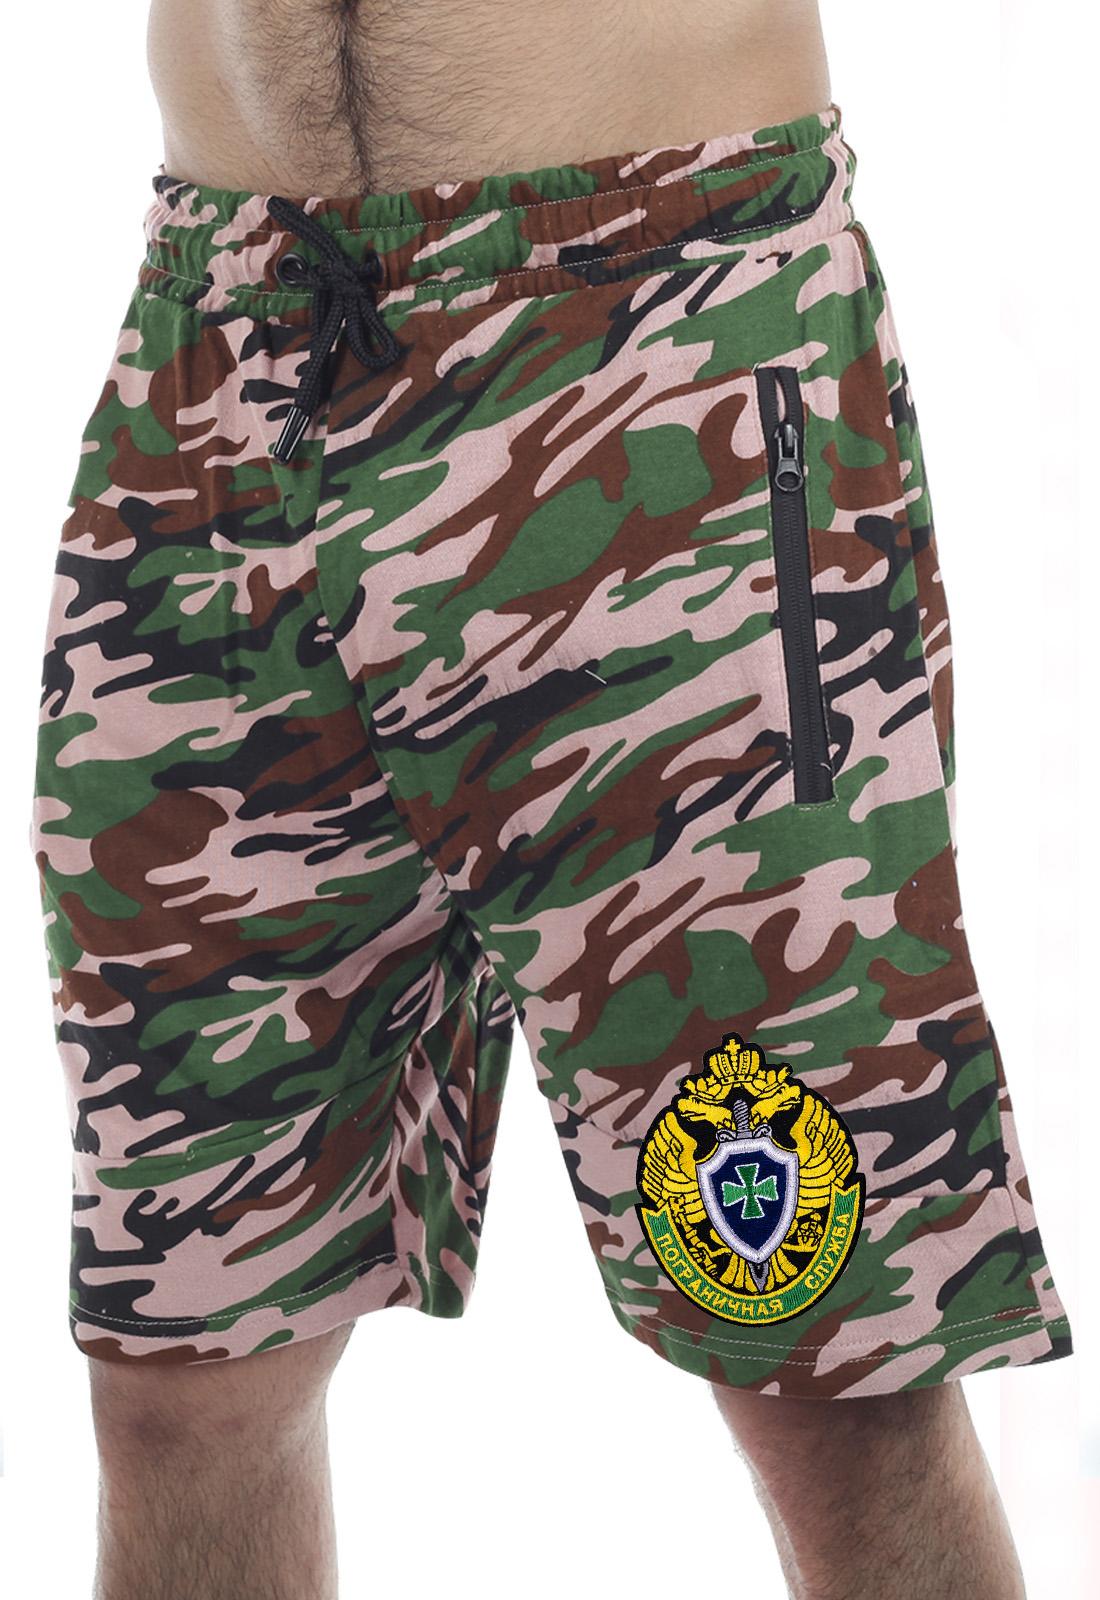 Мужские летние шорты с эмблемой Пограничной службы купить онлайн